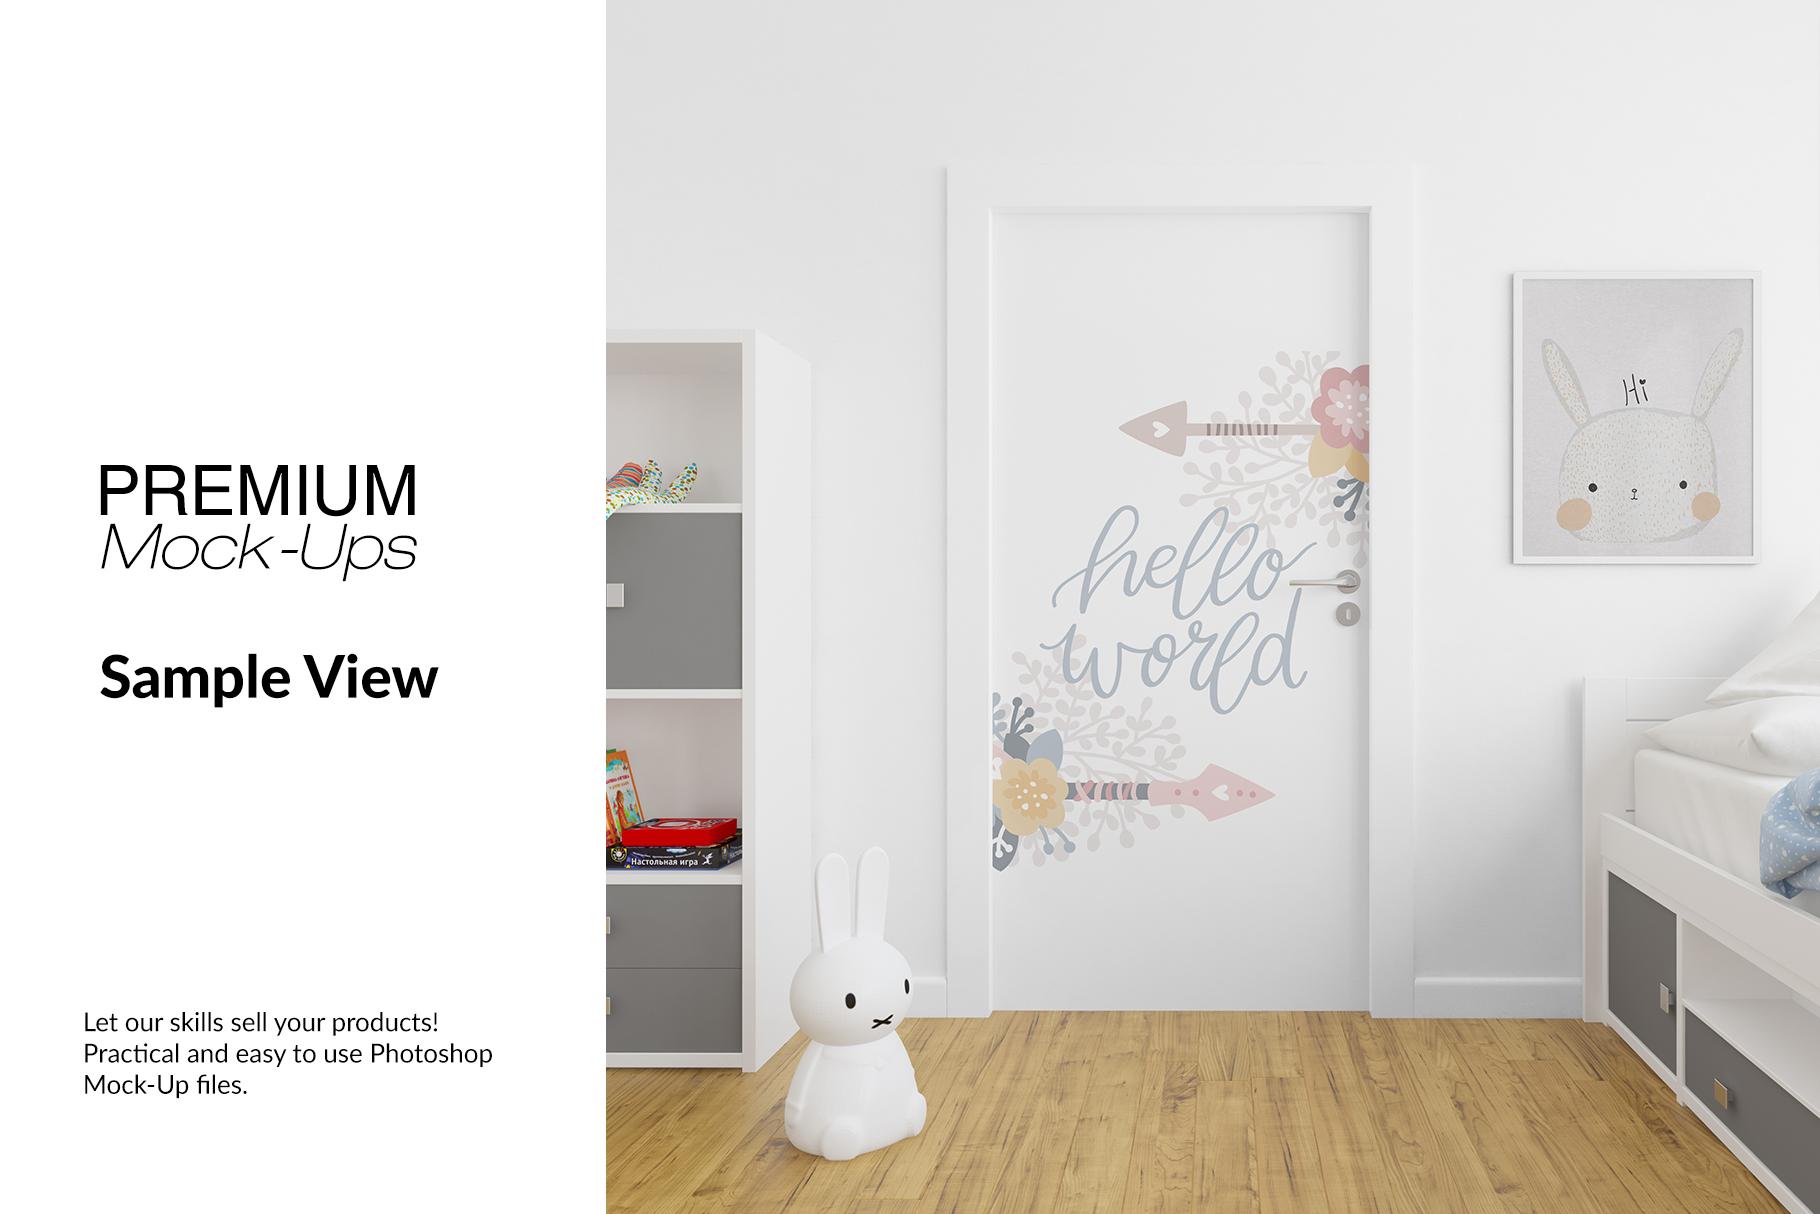 Door Murals in Nursery Set example image 8